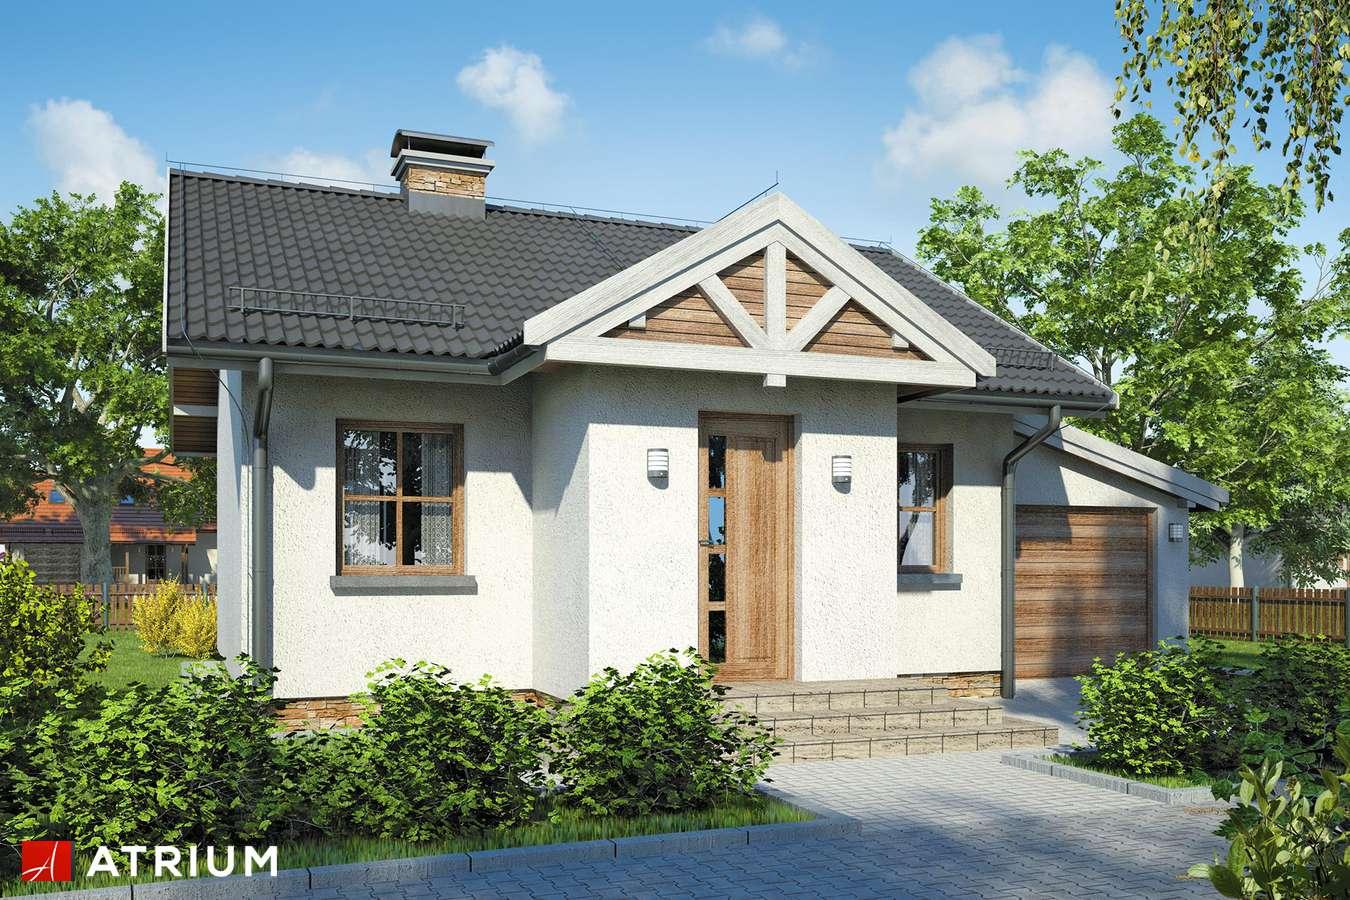 Projekty domów - Projekt domu parterowego GNIAZDKO - wizualizacja 1